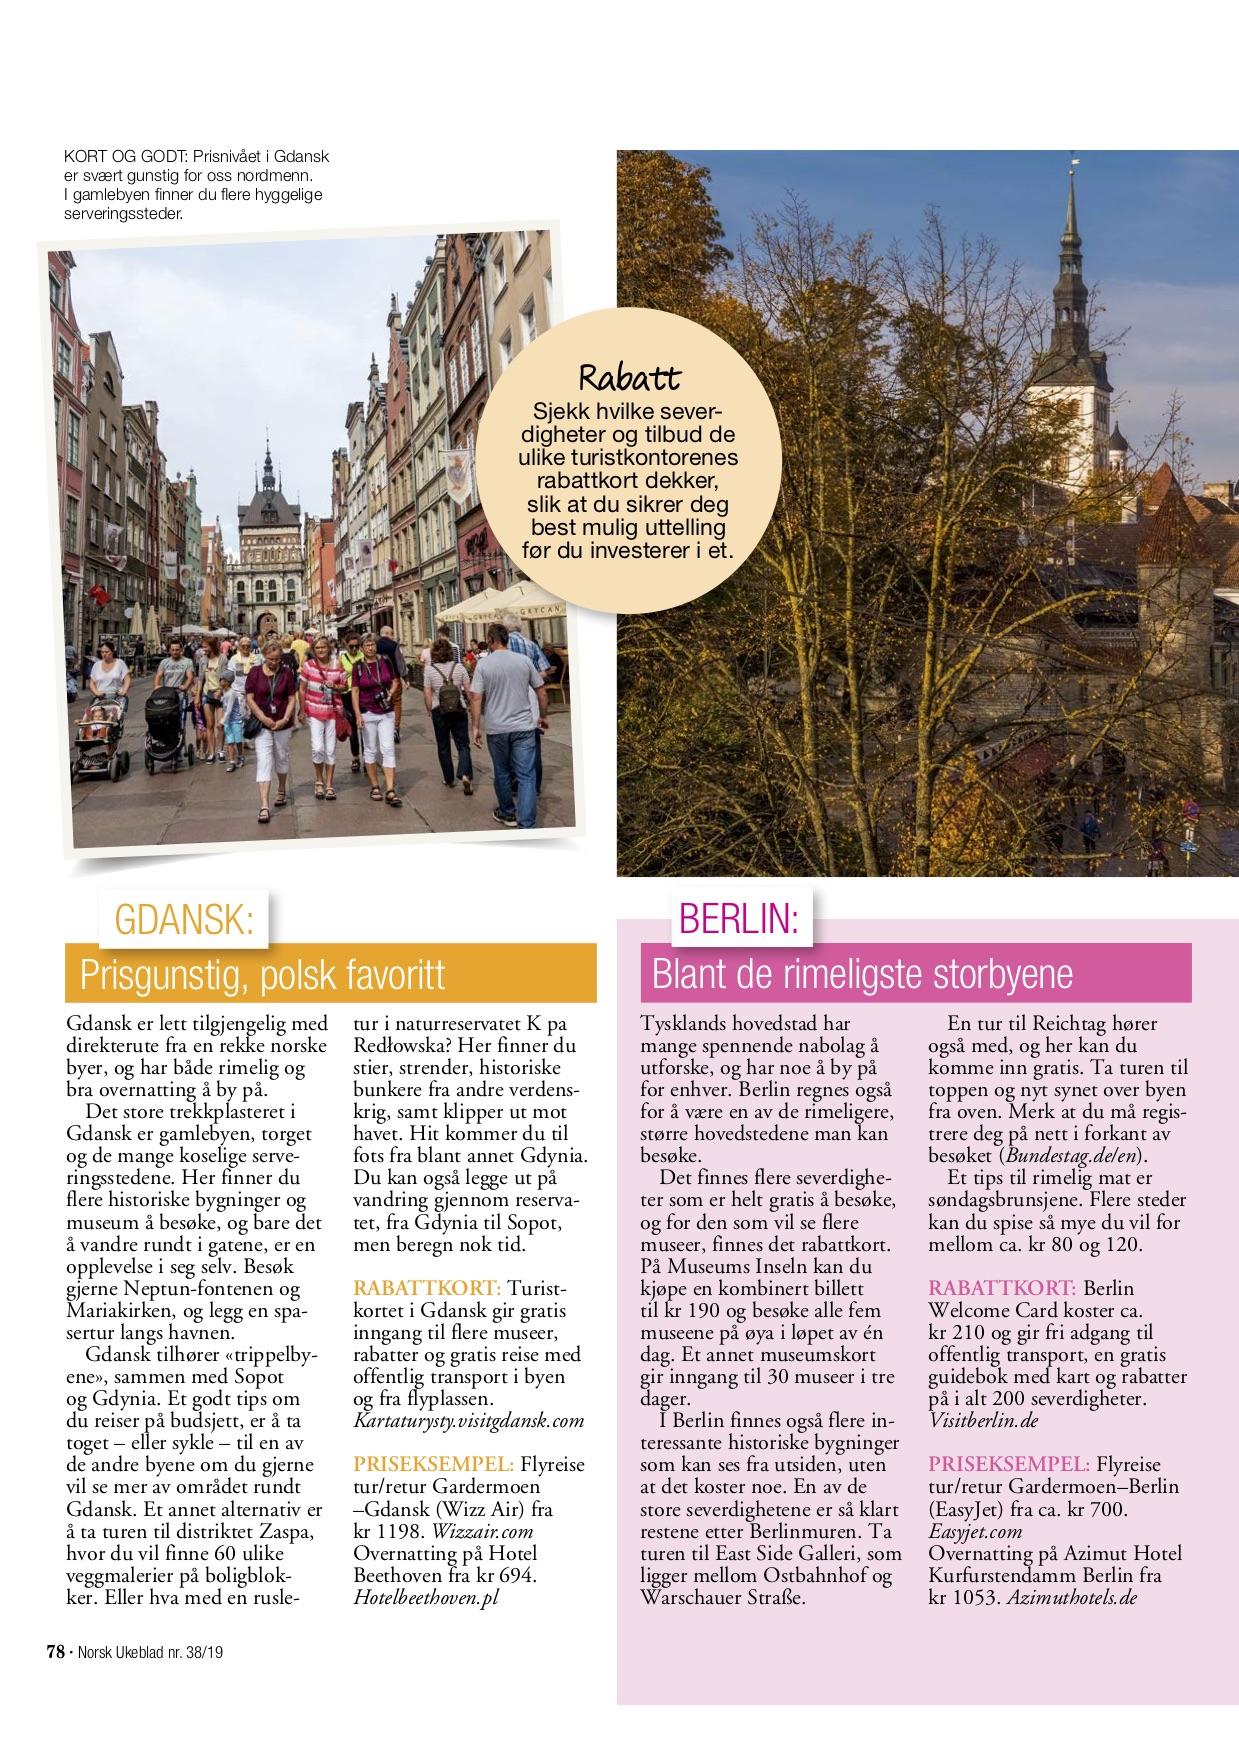 5 rimelige storbyreiser i Norsk Ukeblad, levert av Reiselykke